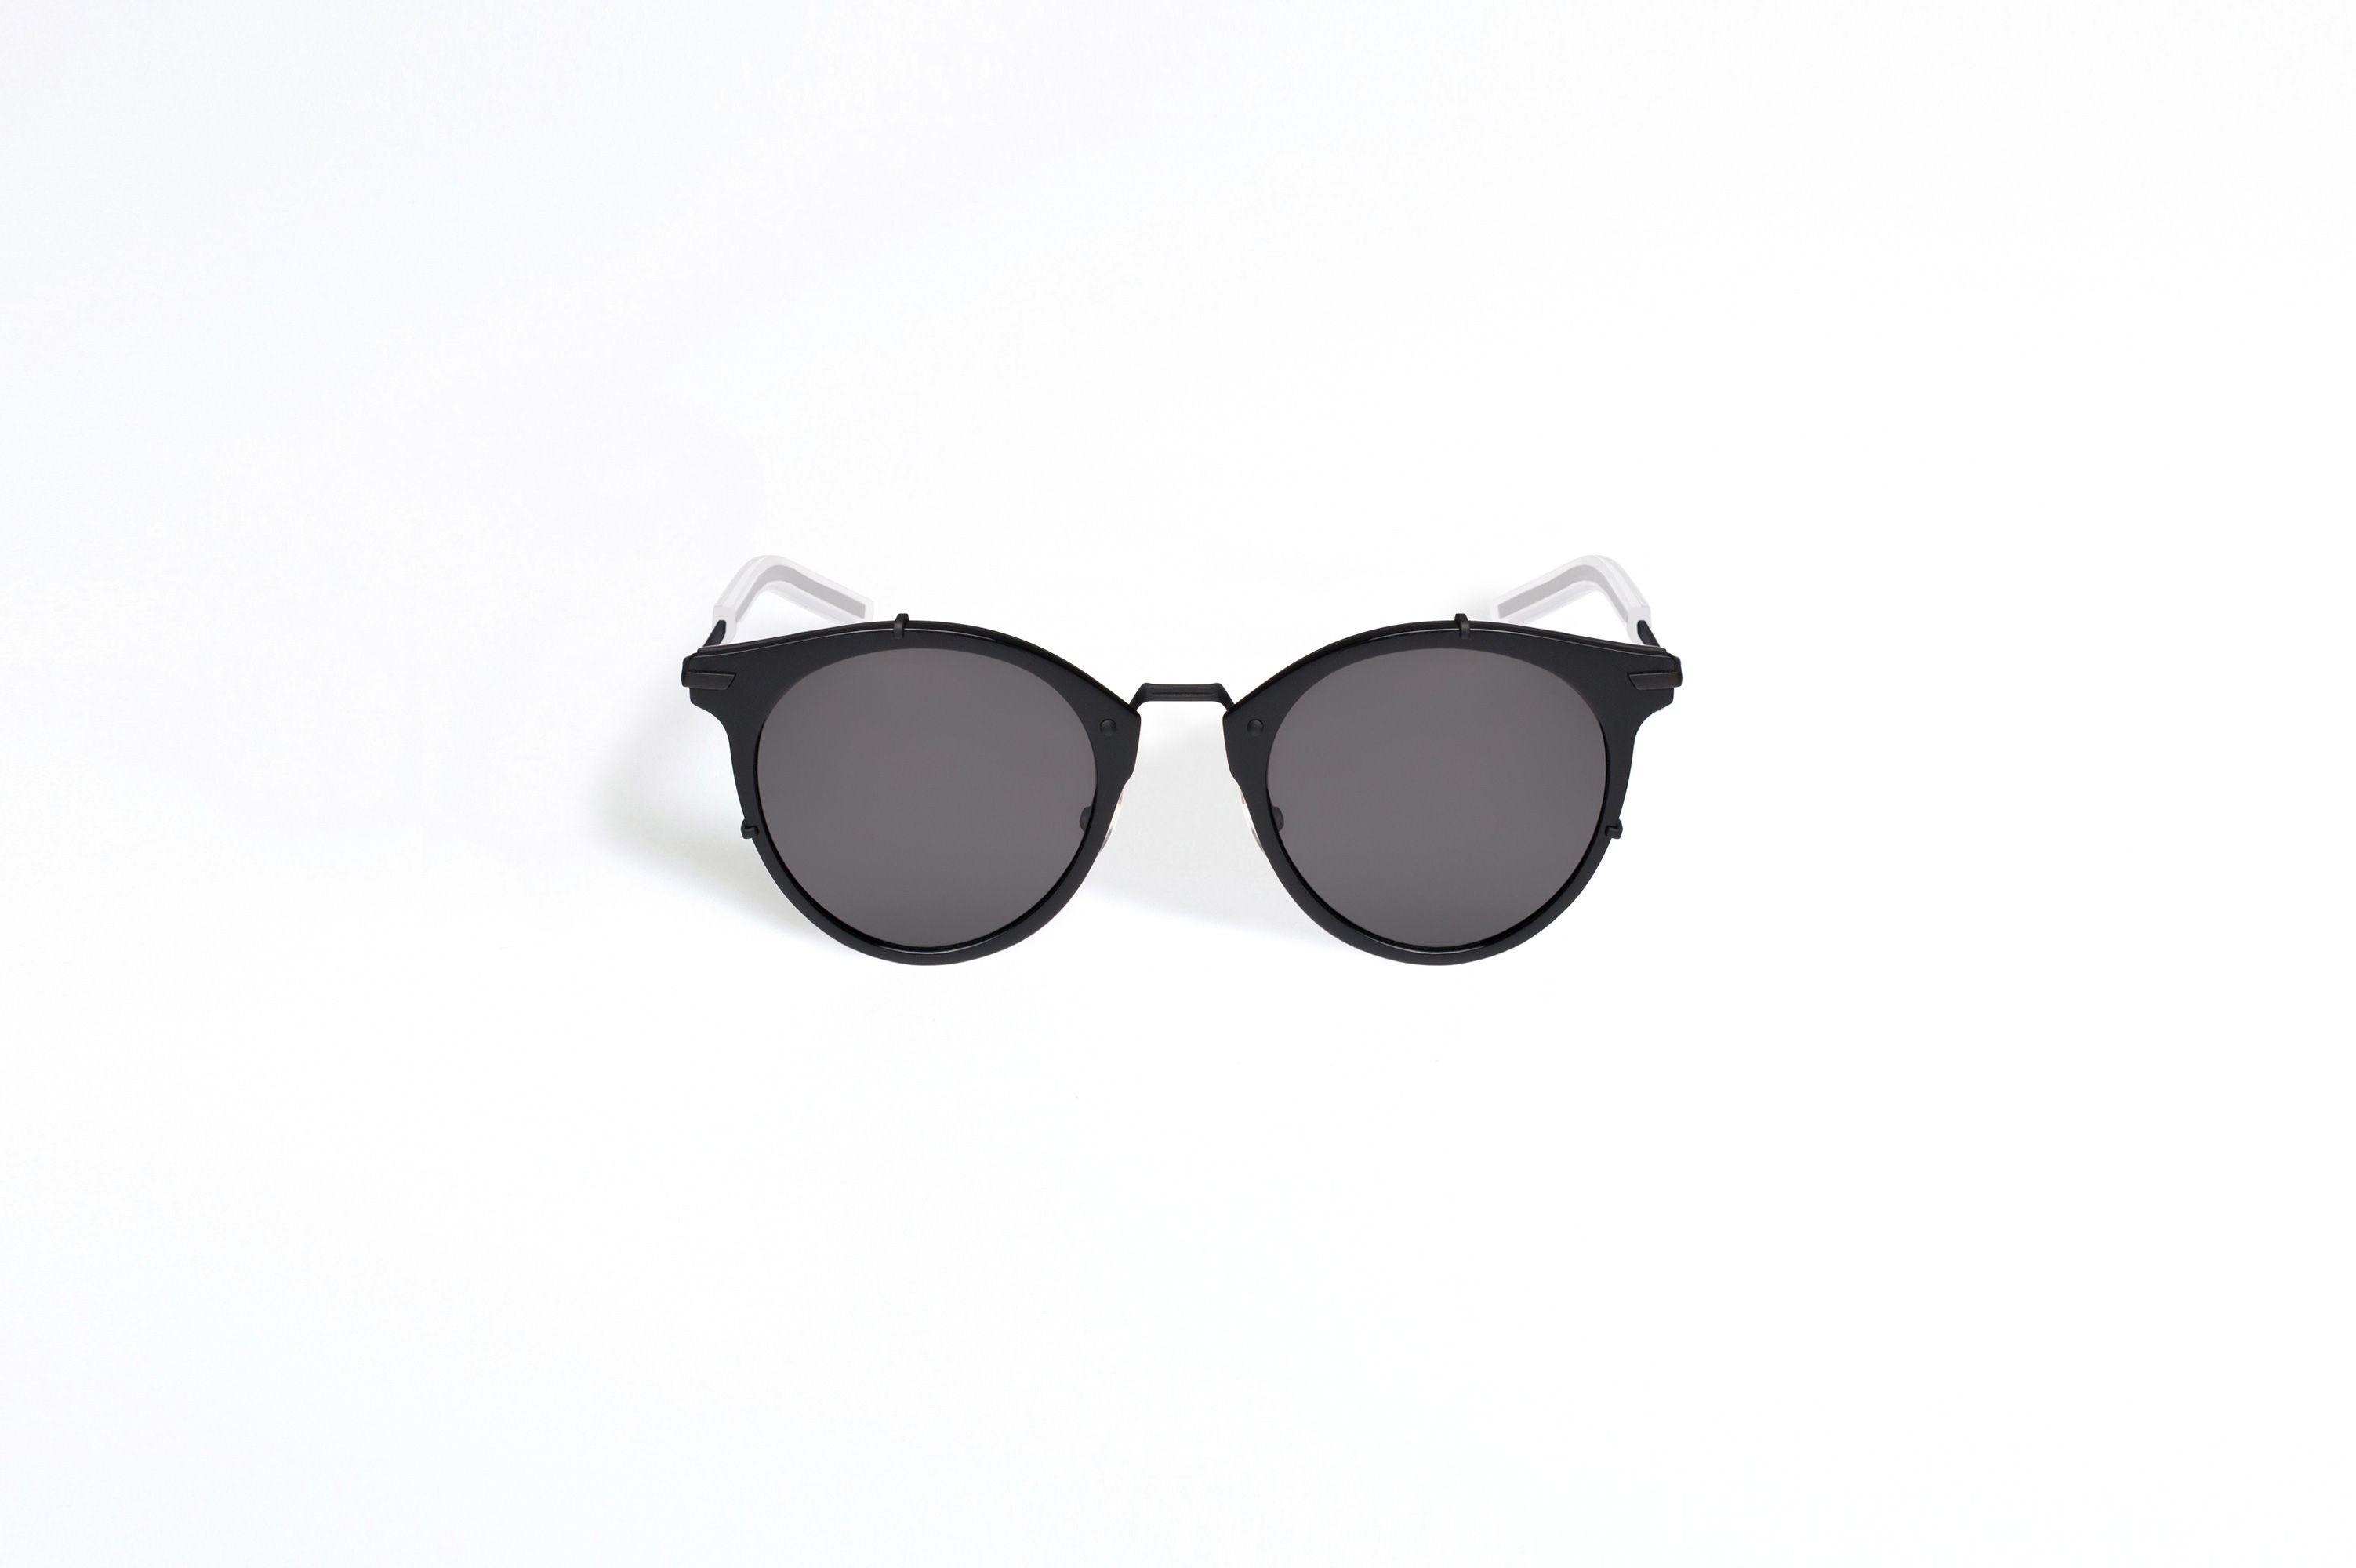 http   www.dior.com couture fr fr mode-homme accessoires lunettes lunettes- dior-0196s-noir-1-12899 cb4b768665c8